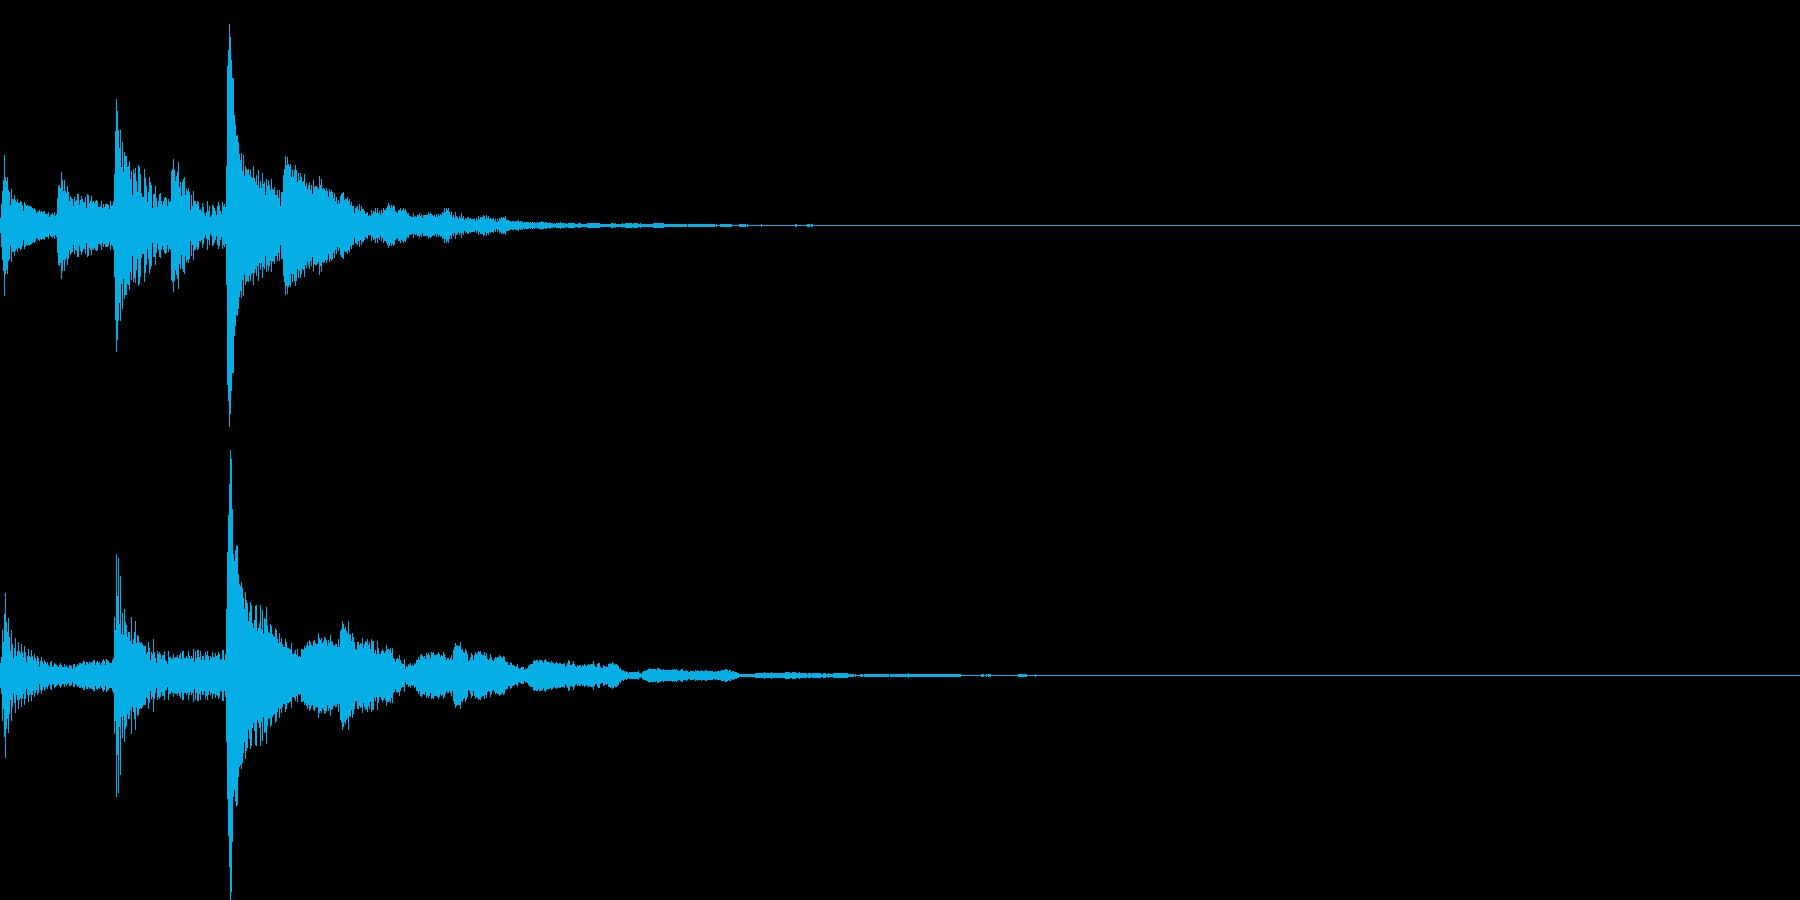 SF宇宙なアンビエント/深海/癒し系20の再生済みの波形